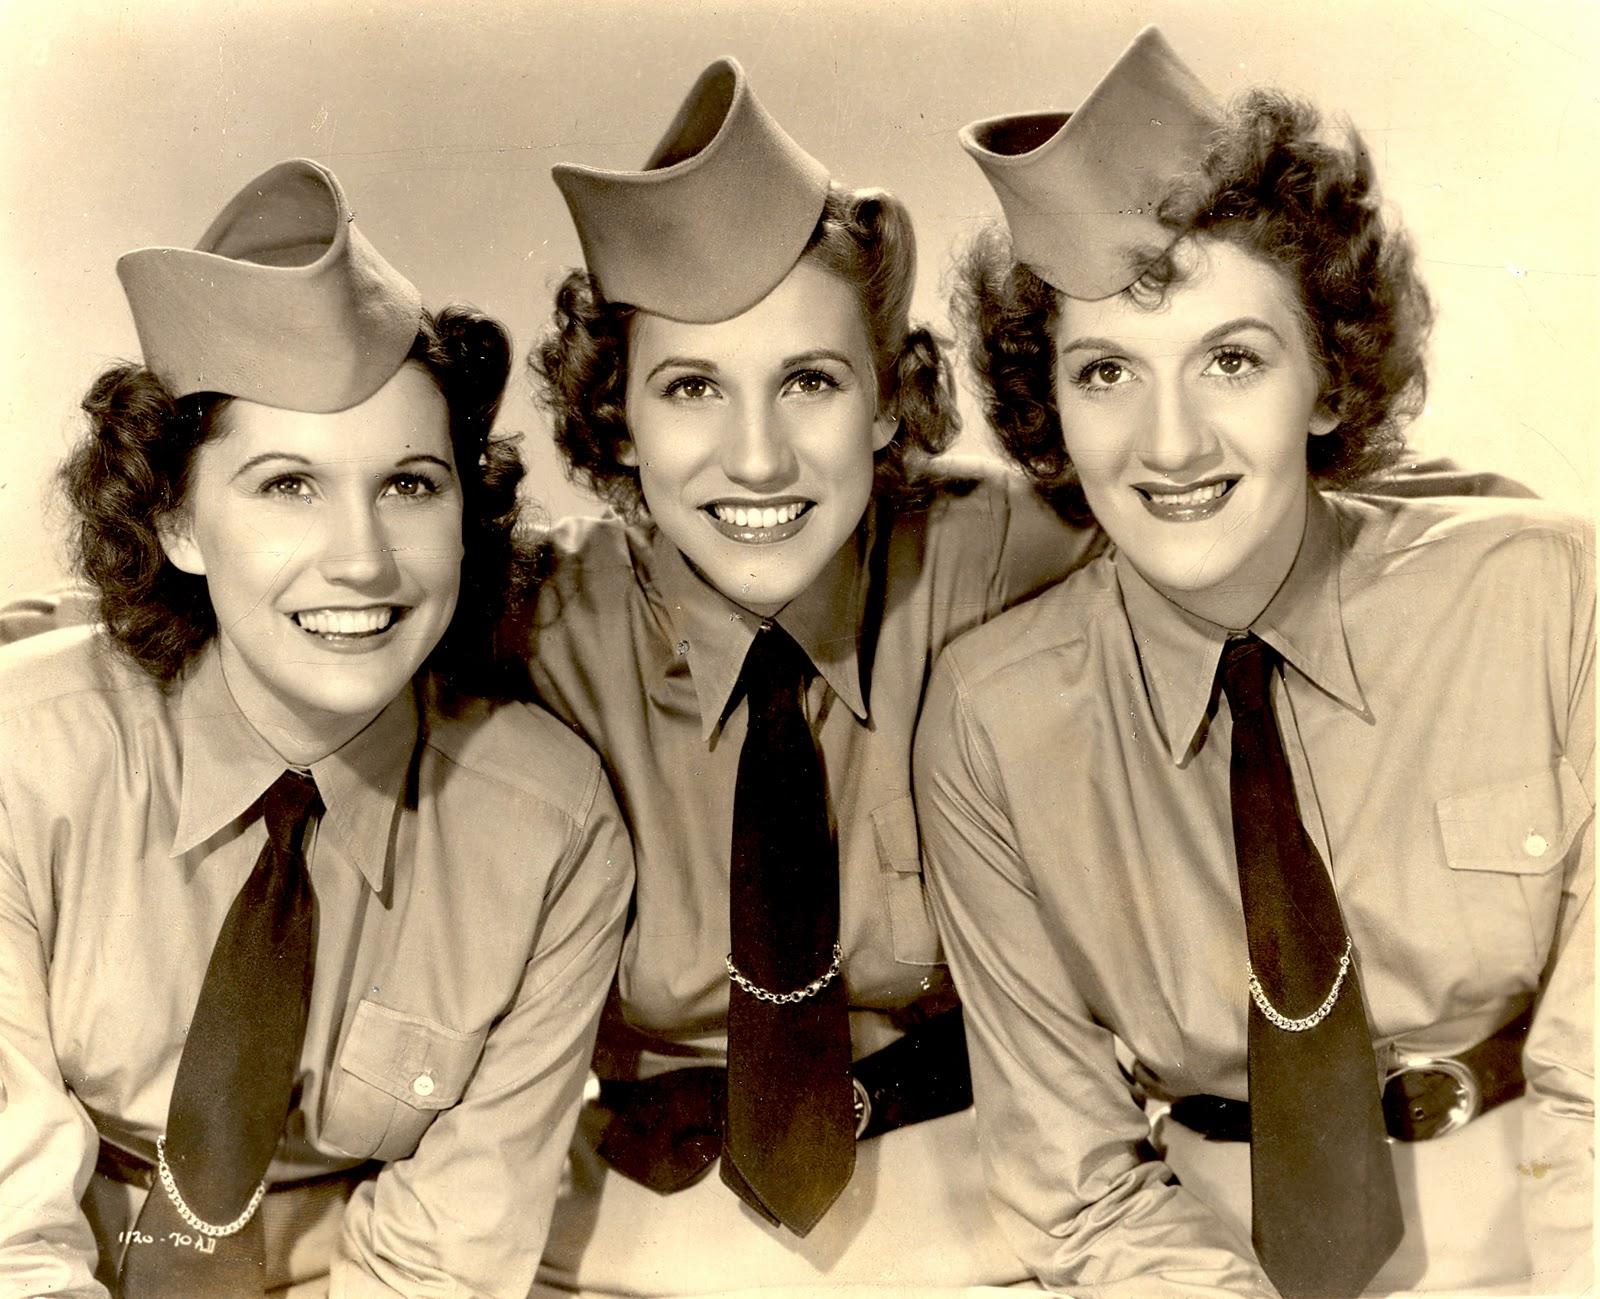 Image - Andrews Sisters.jpg